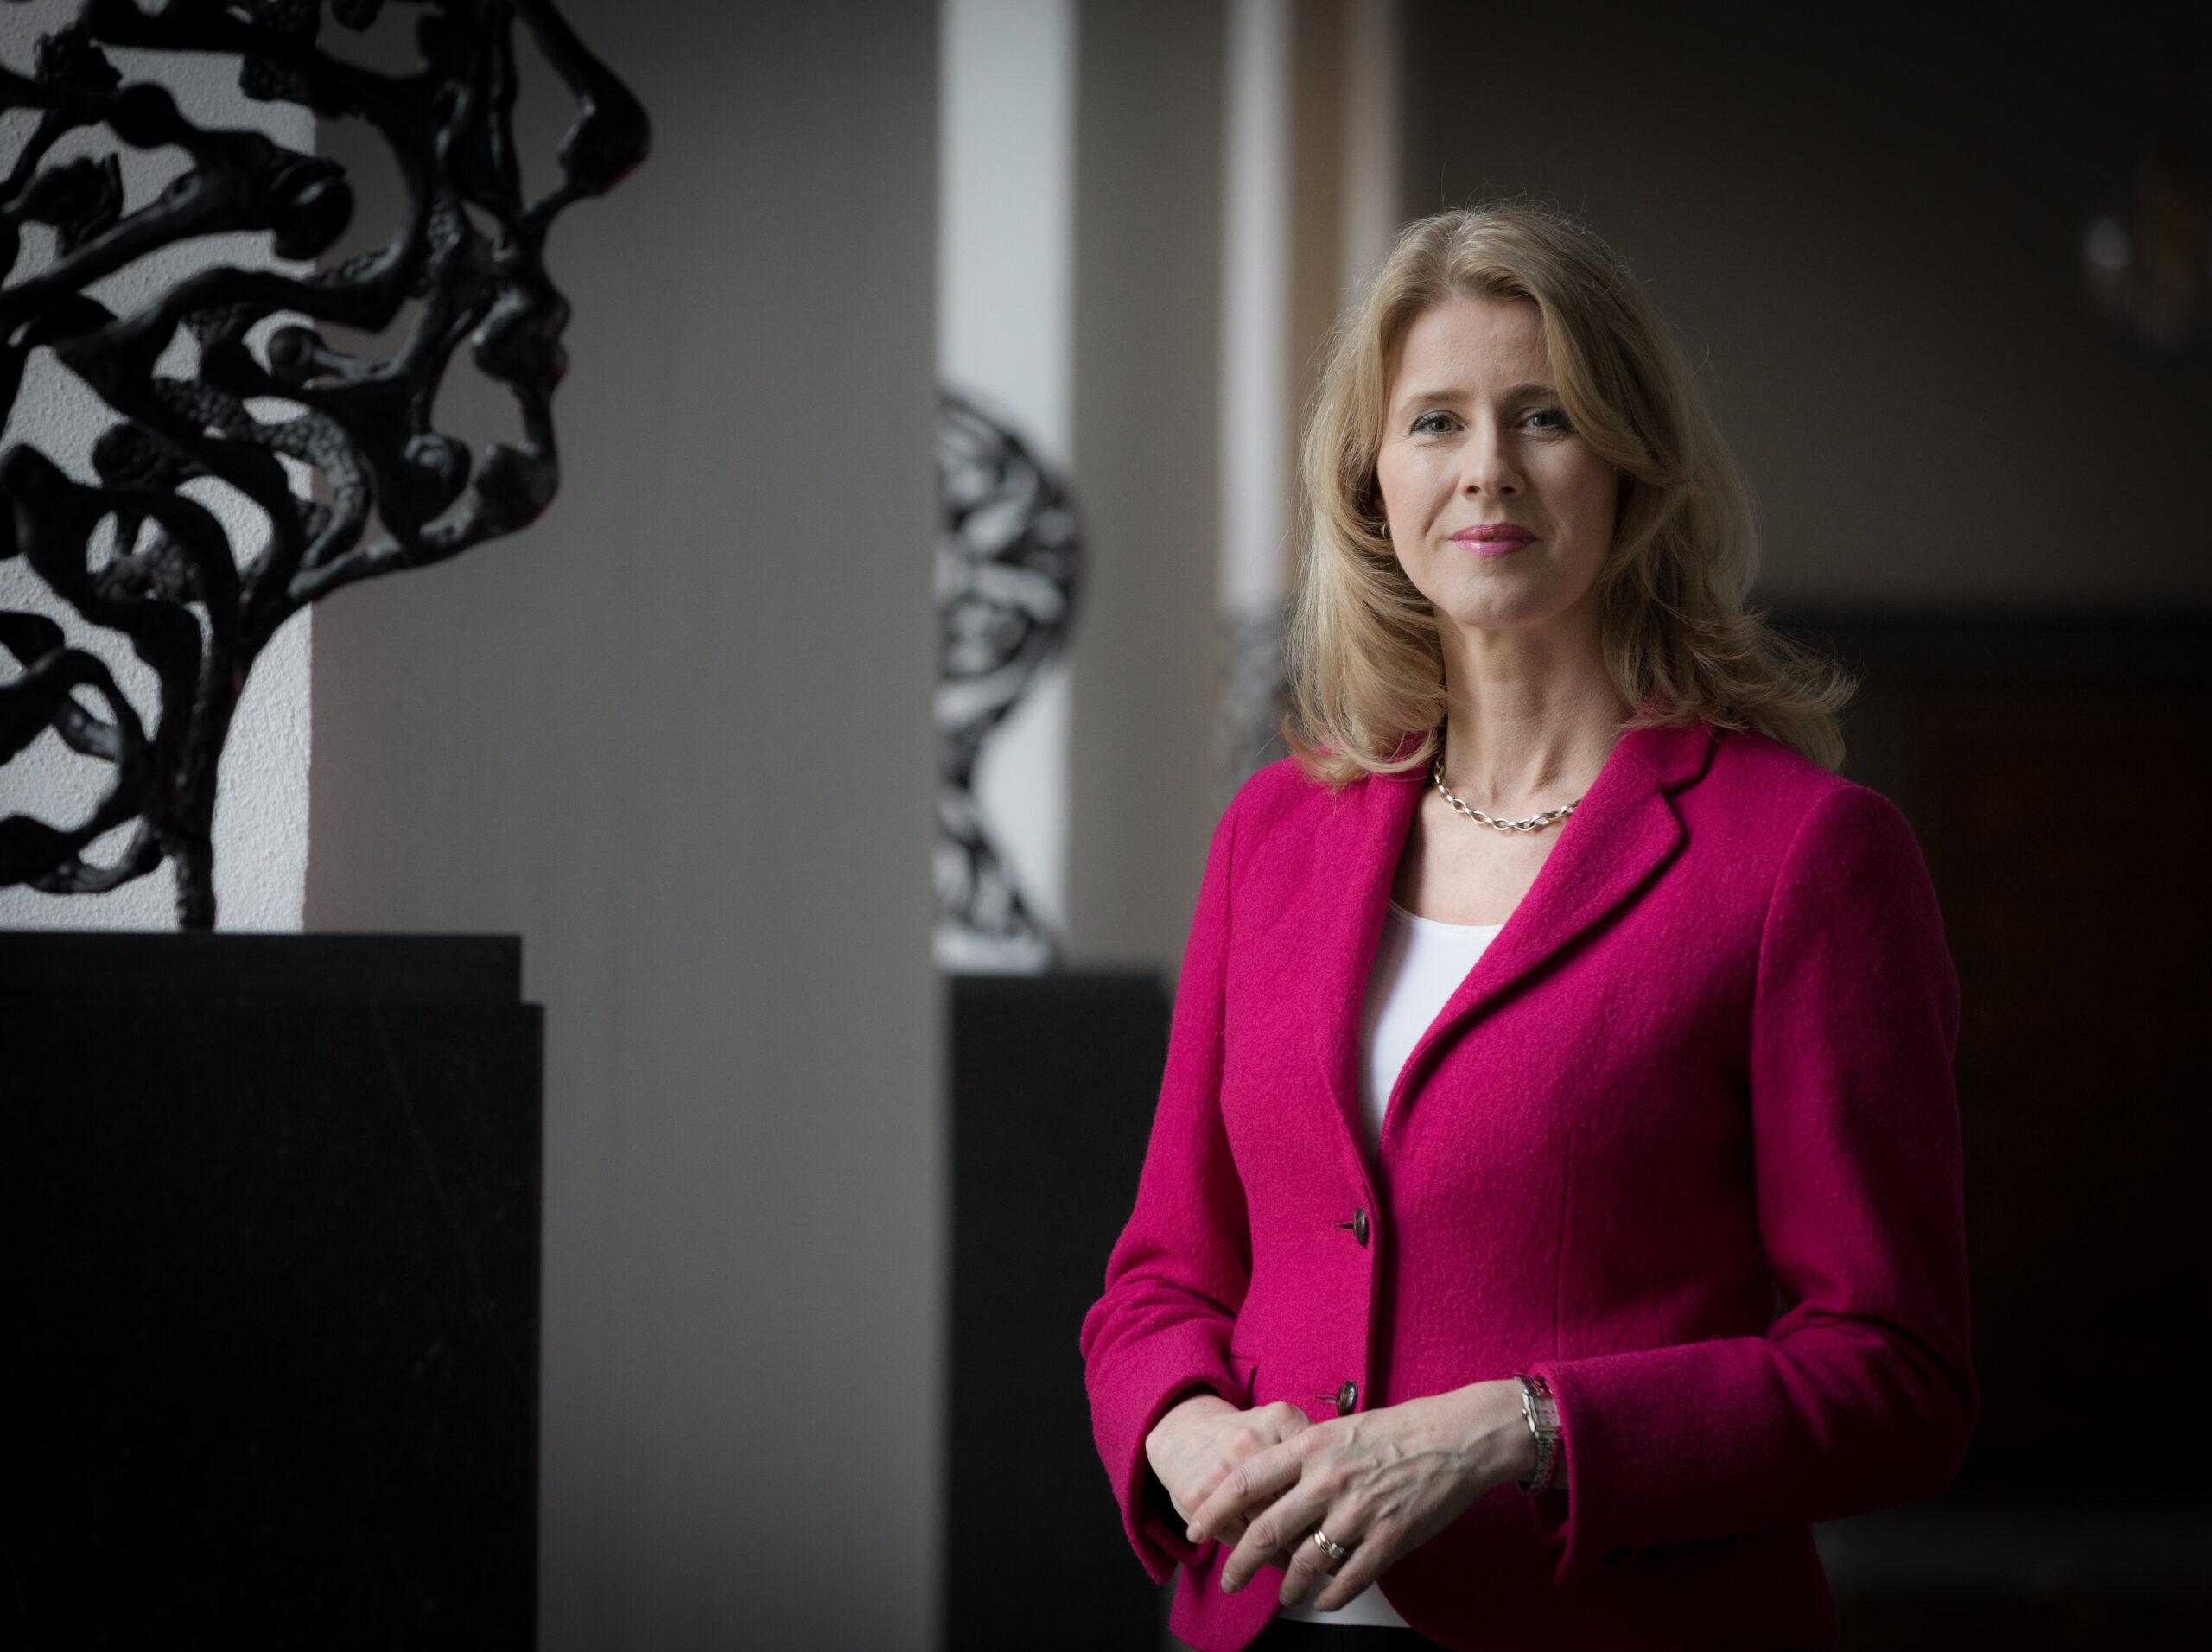 """Staatssecretaris Keijzer: """"KPN wil opstelpunt voor een zendmast plaatsen in Hoge Hexel"""""""